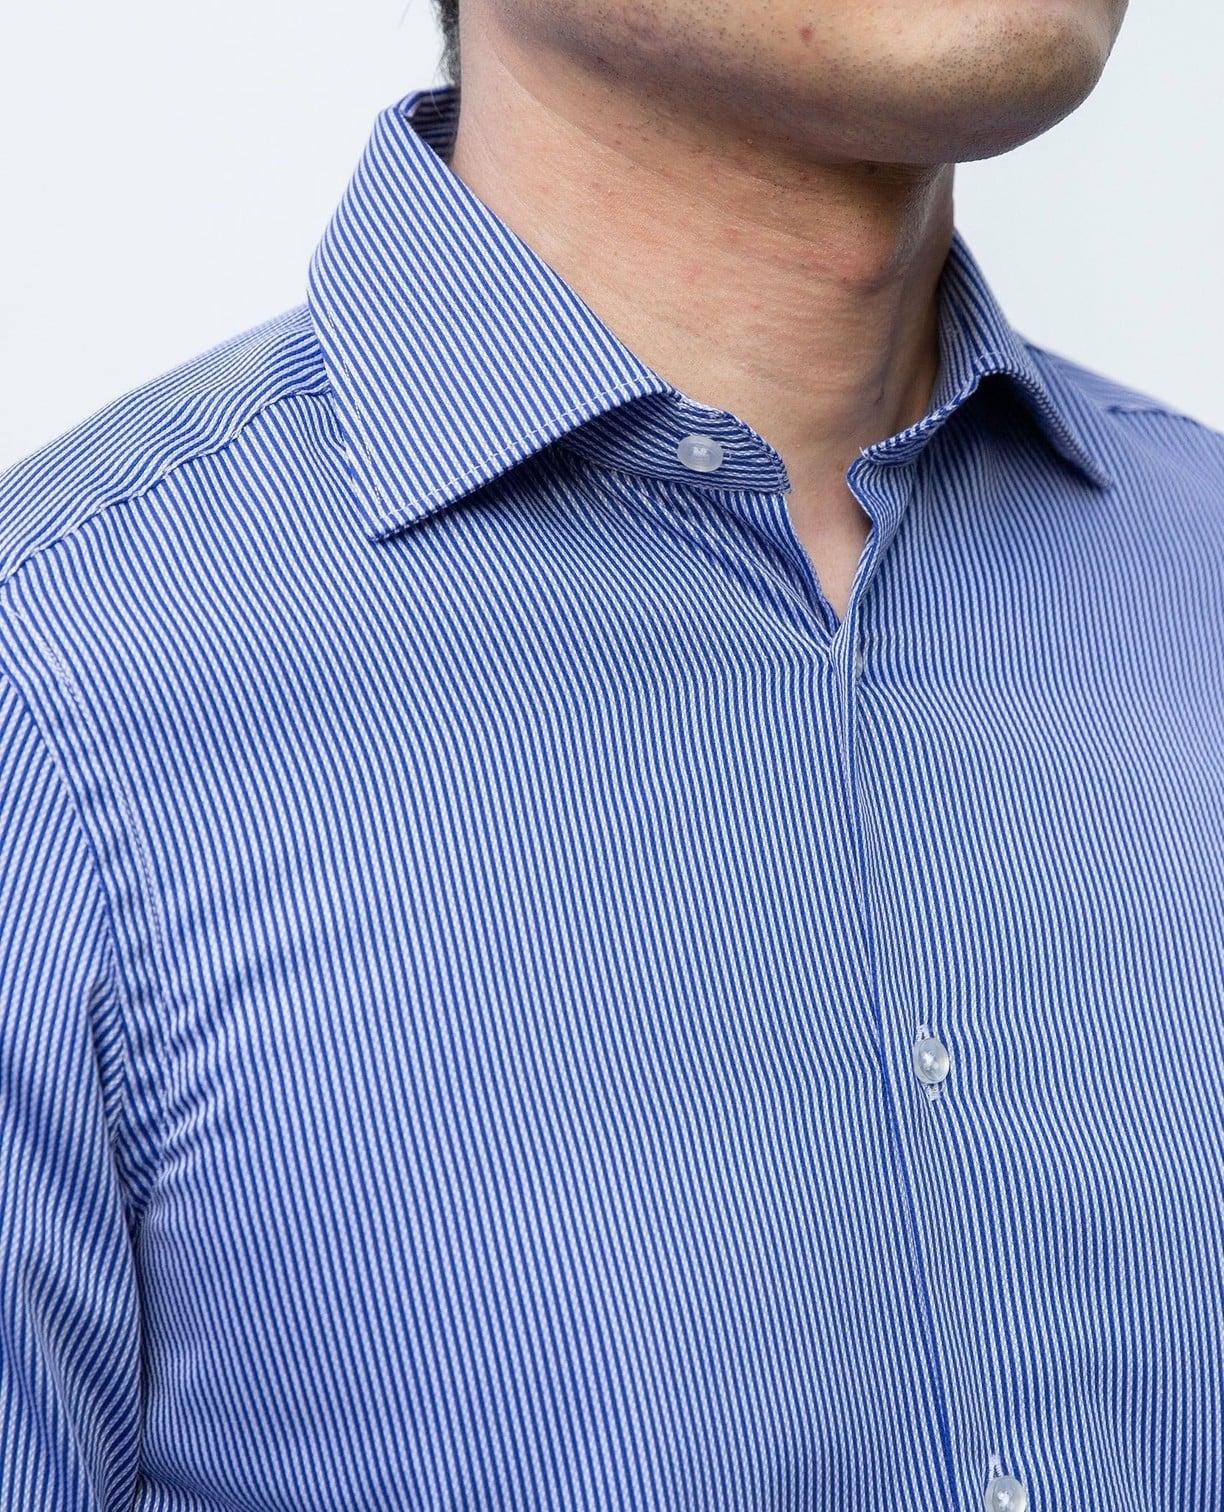 変わりストライプ長袖シャツ